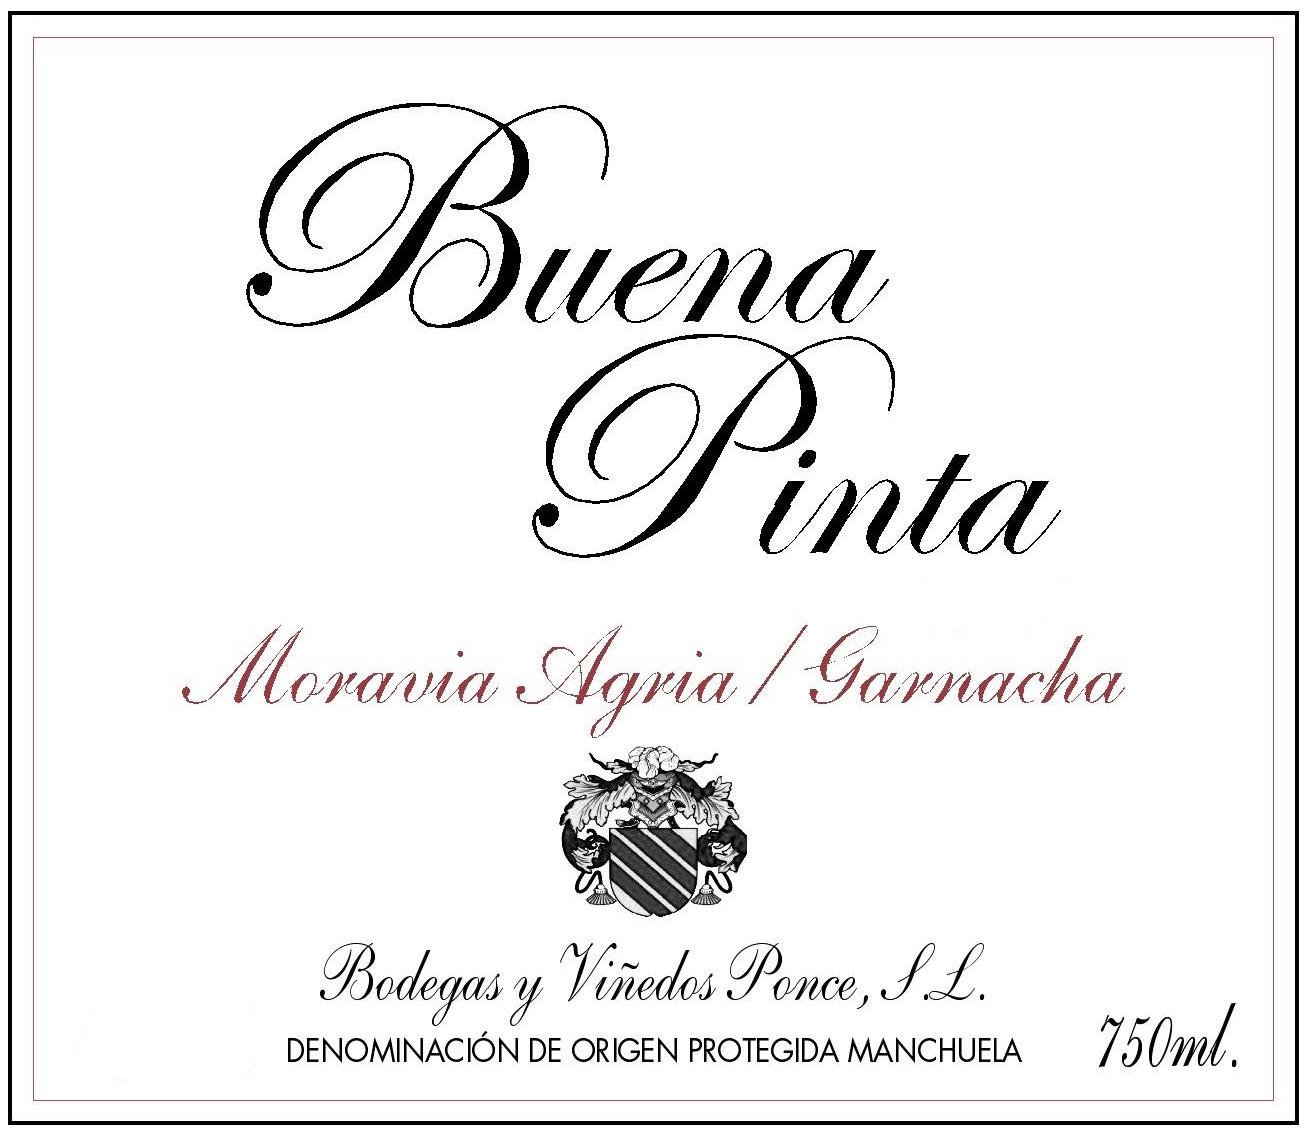 Ponce Buena Pinta 2018